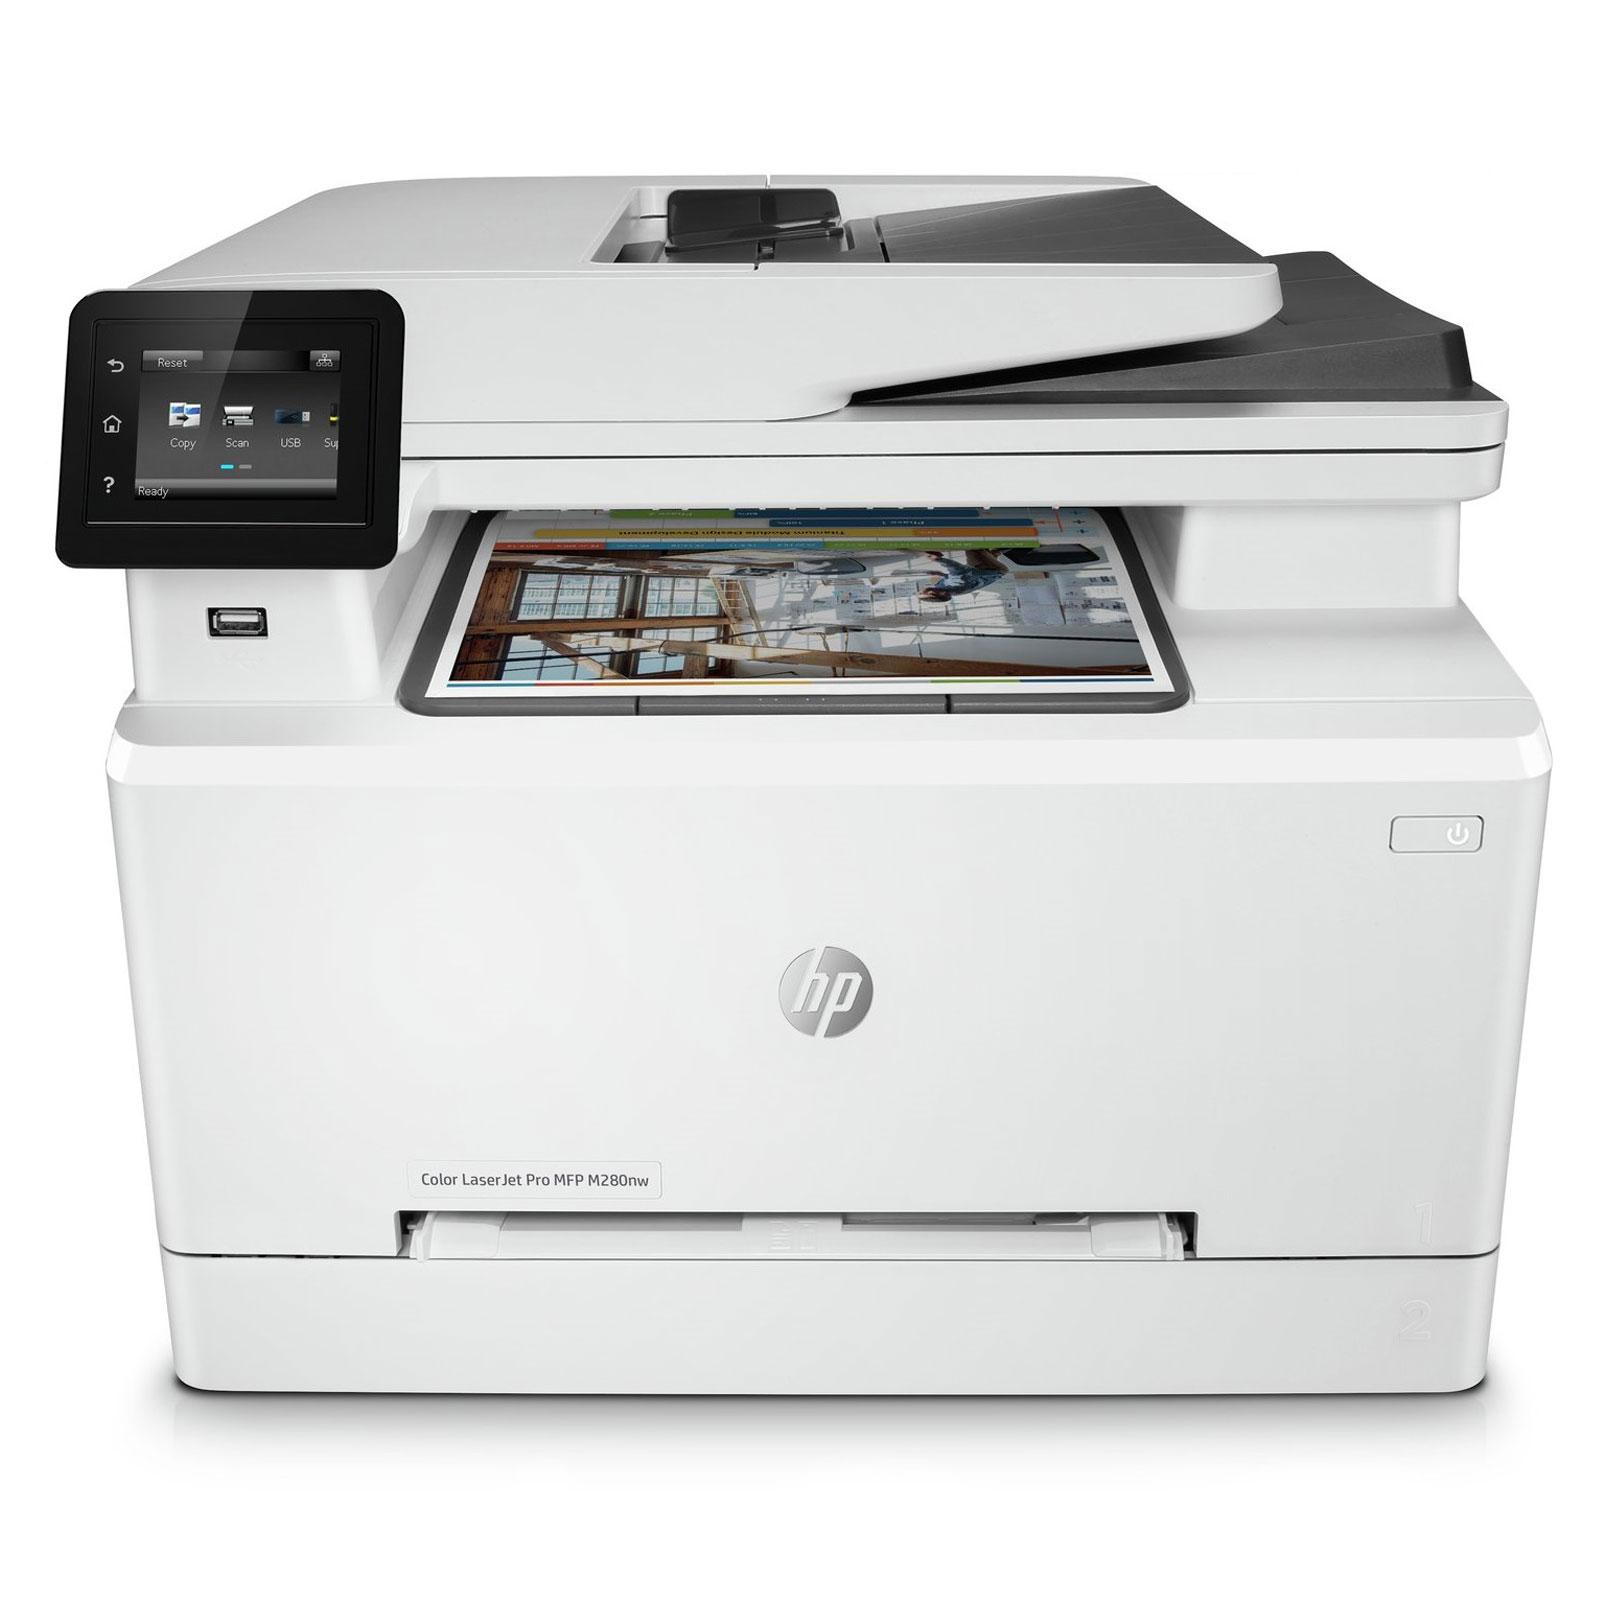 hp color laserjet pro mfp m280nw imprimante. Black Bedroom Furniture Sets. Home Design Ideas